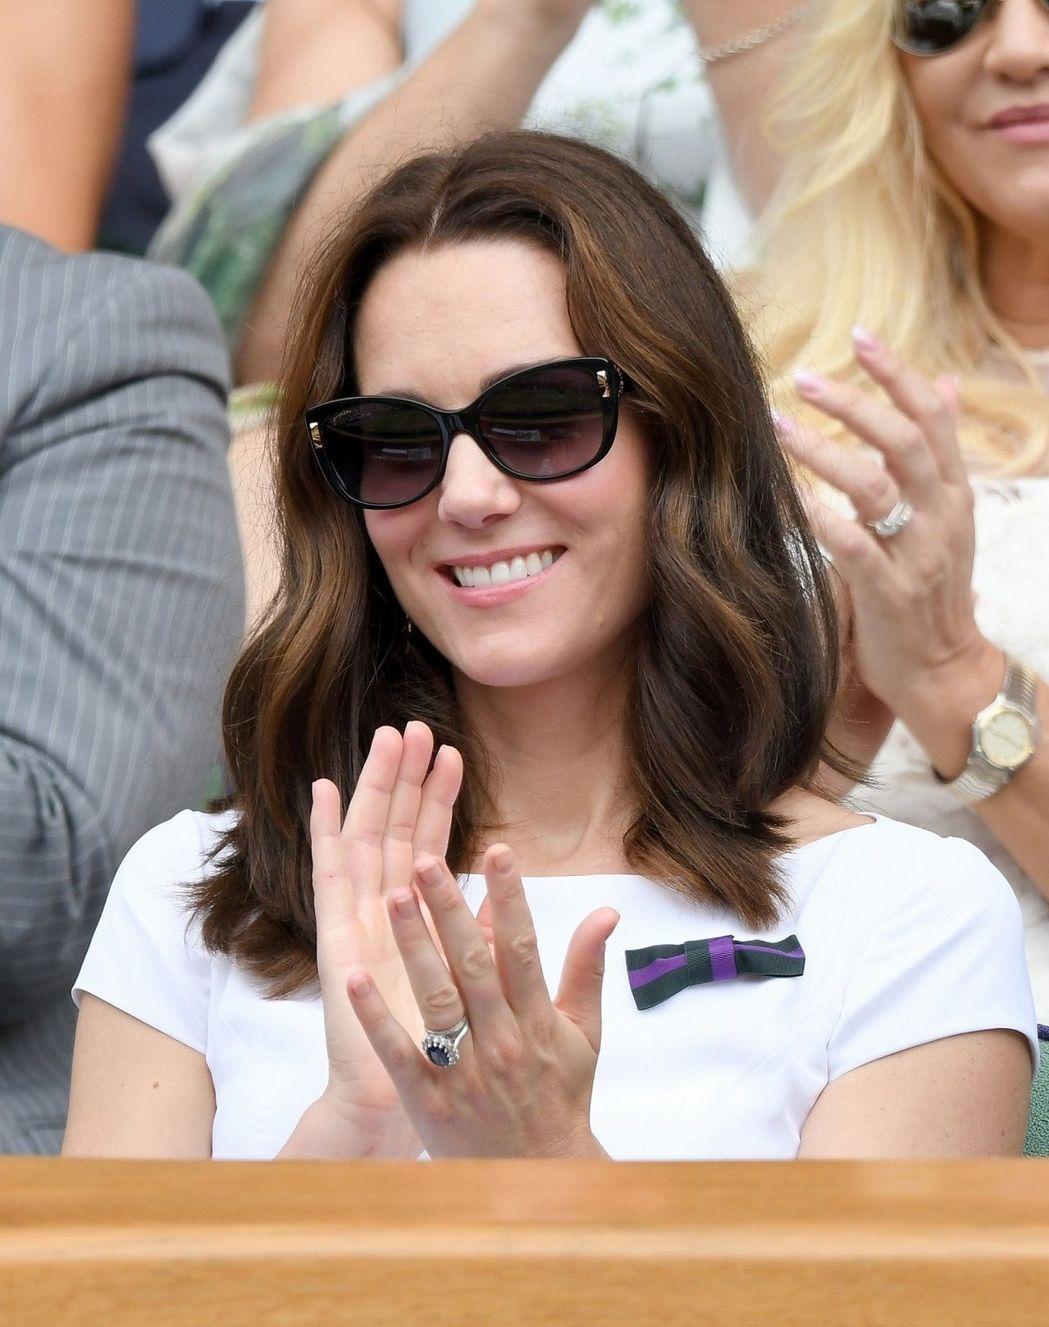 市售太陽眼鏡除了保護眼睛,也是一種流行時尚,但醫師提醒別選到藍色鏡片,否則更傷眼...